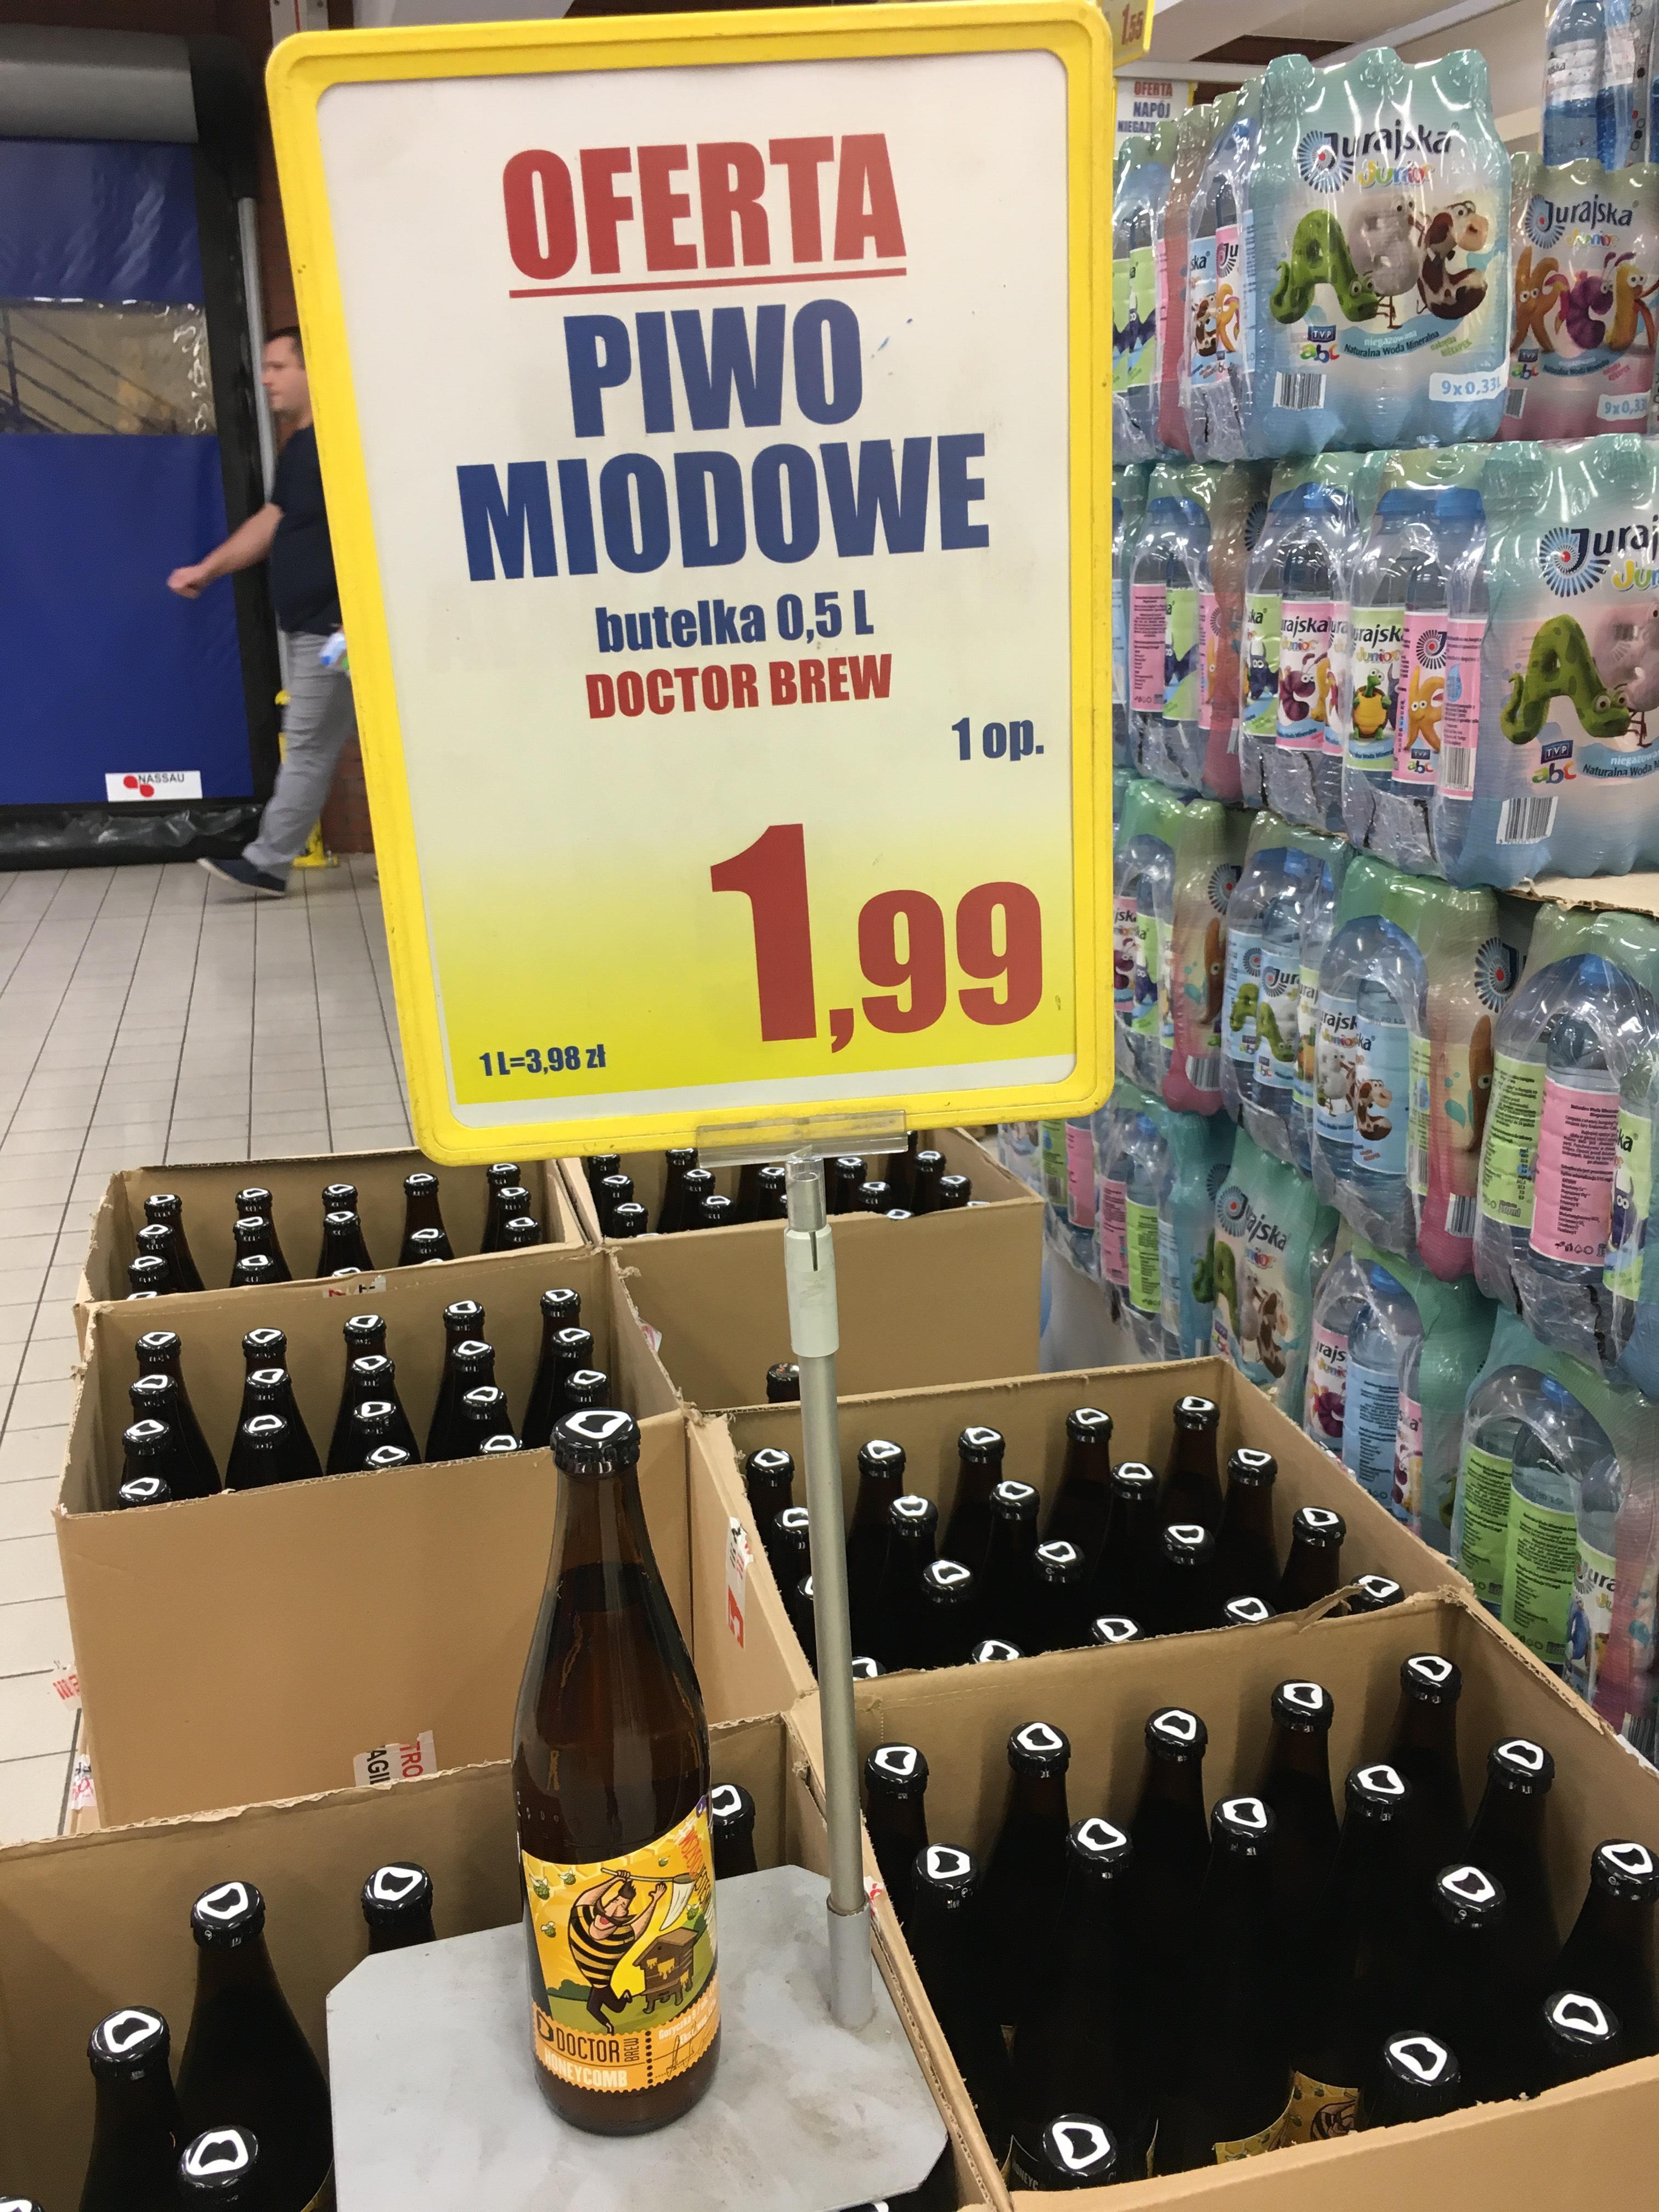 Lokalnie - Doctor Brew Piwo Miodowe - Leclerc Bielany